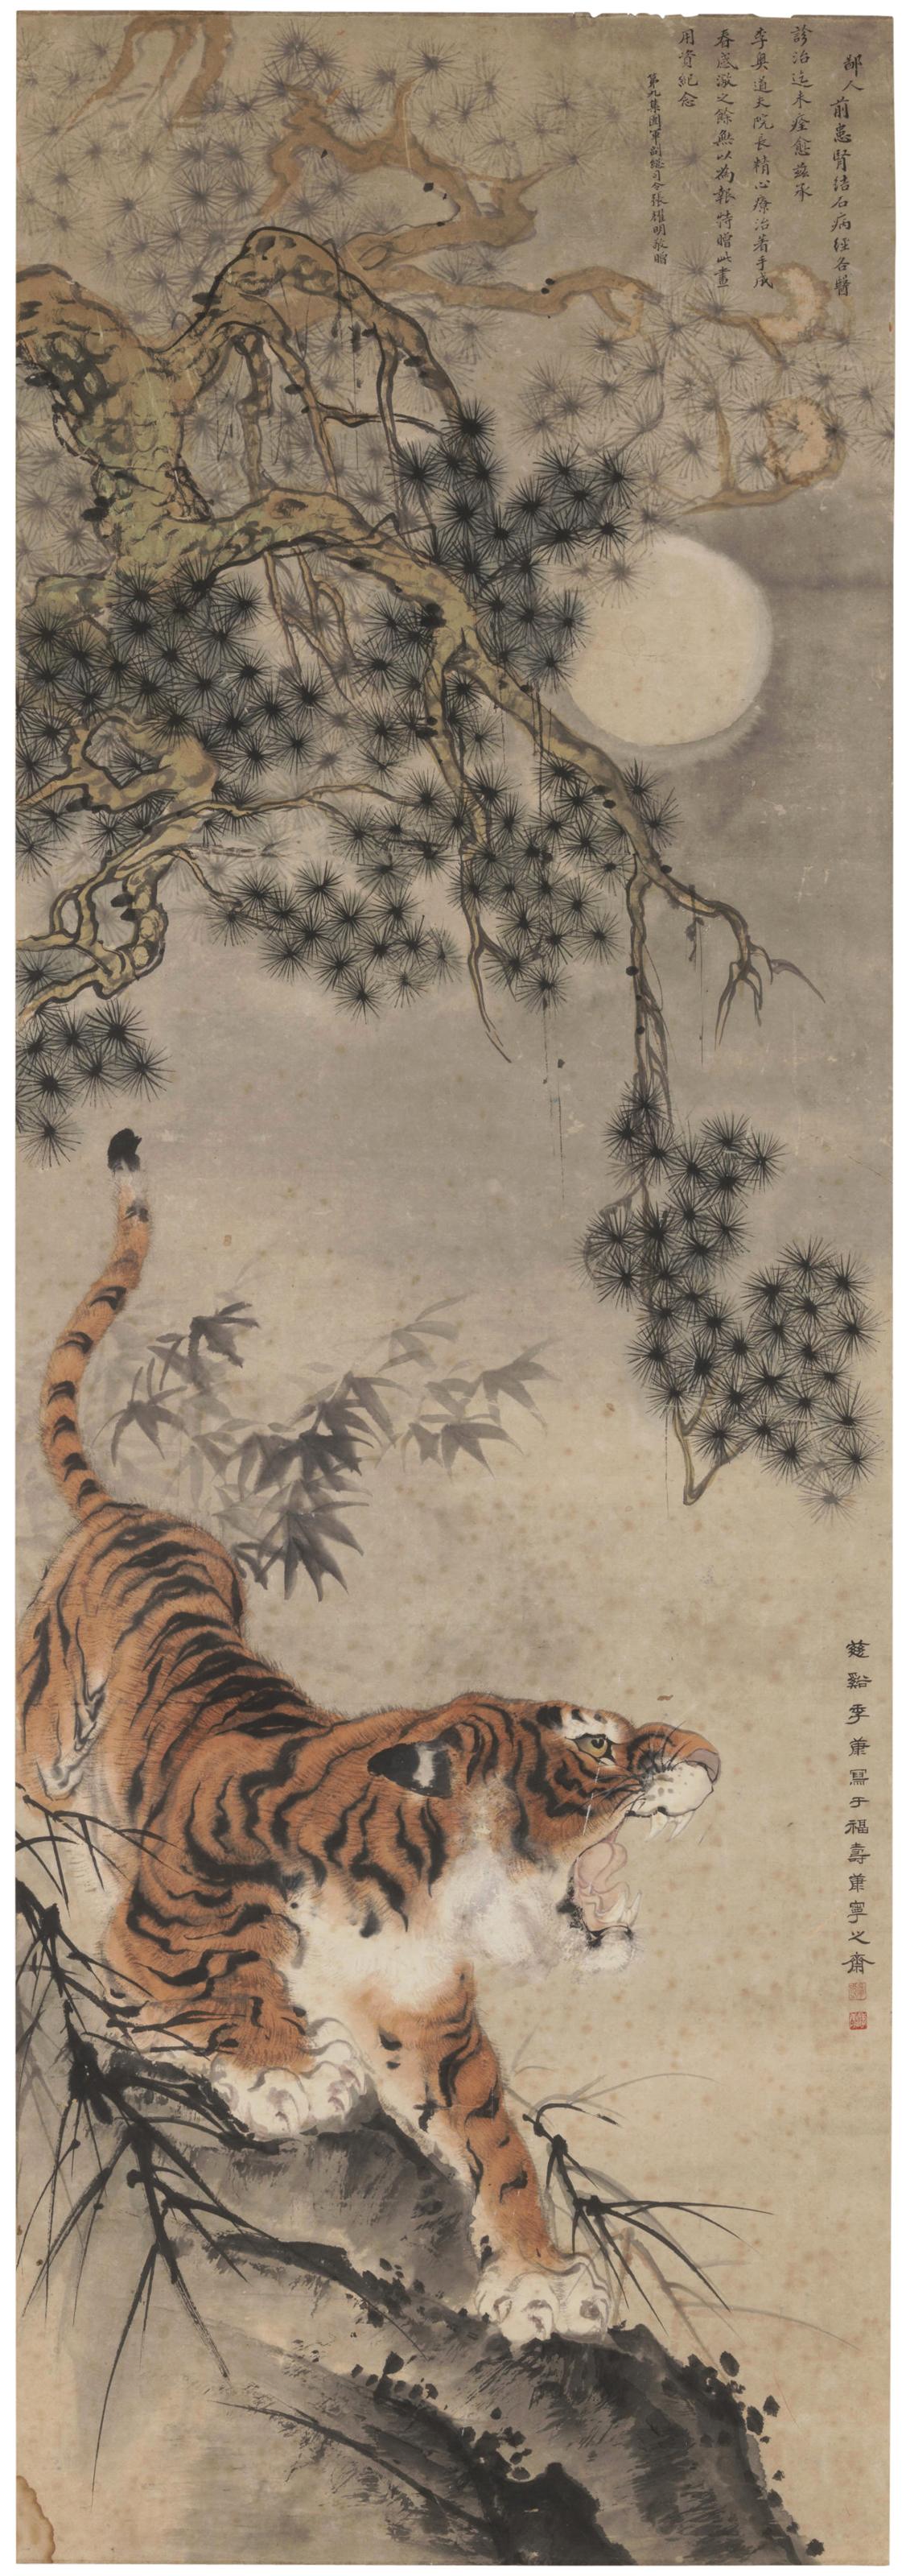 JI KANG (1911-2007)